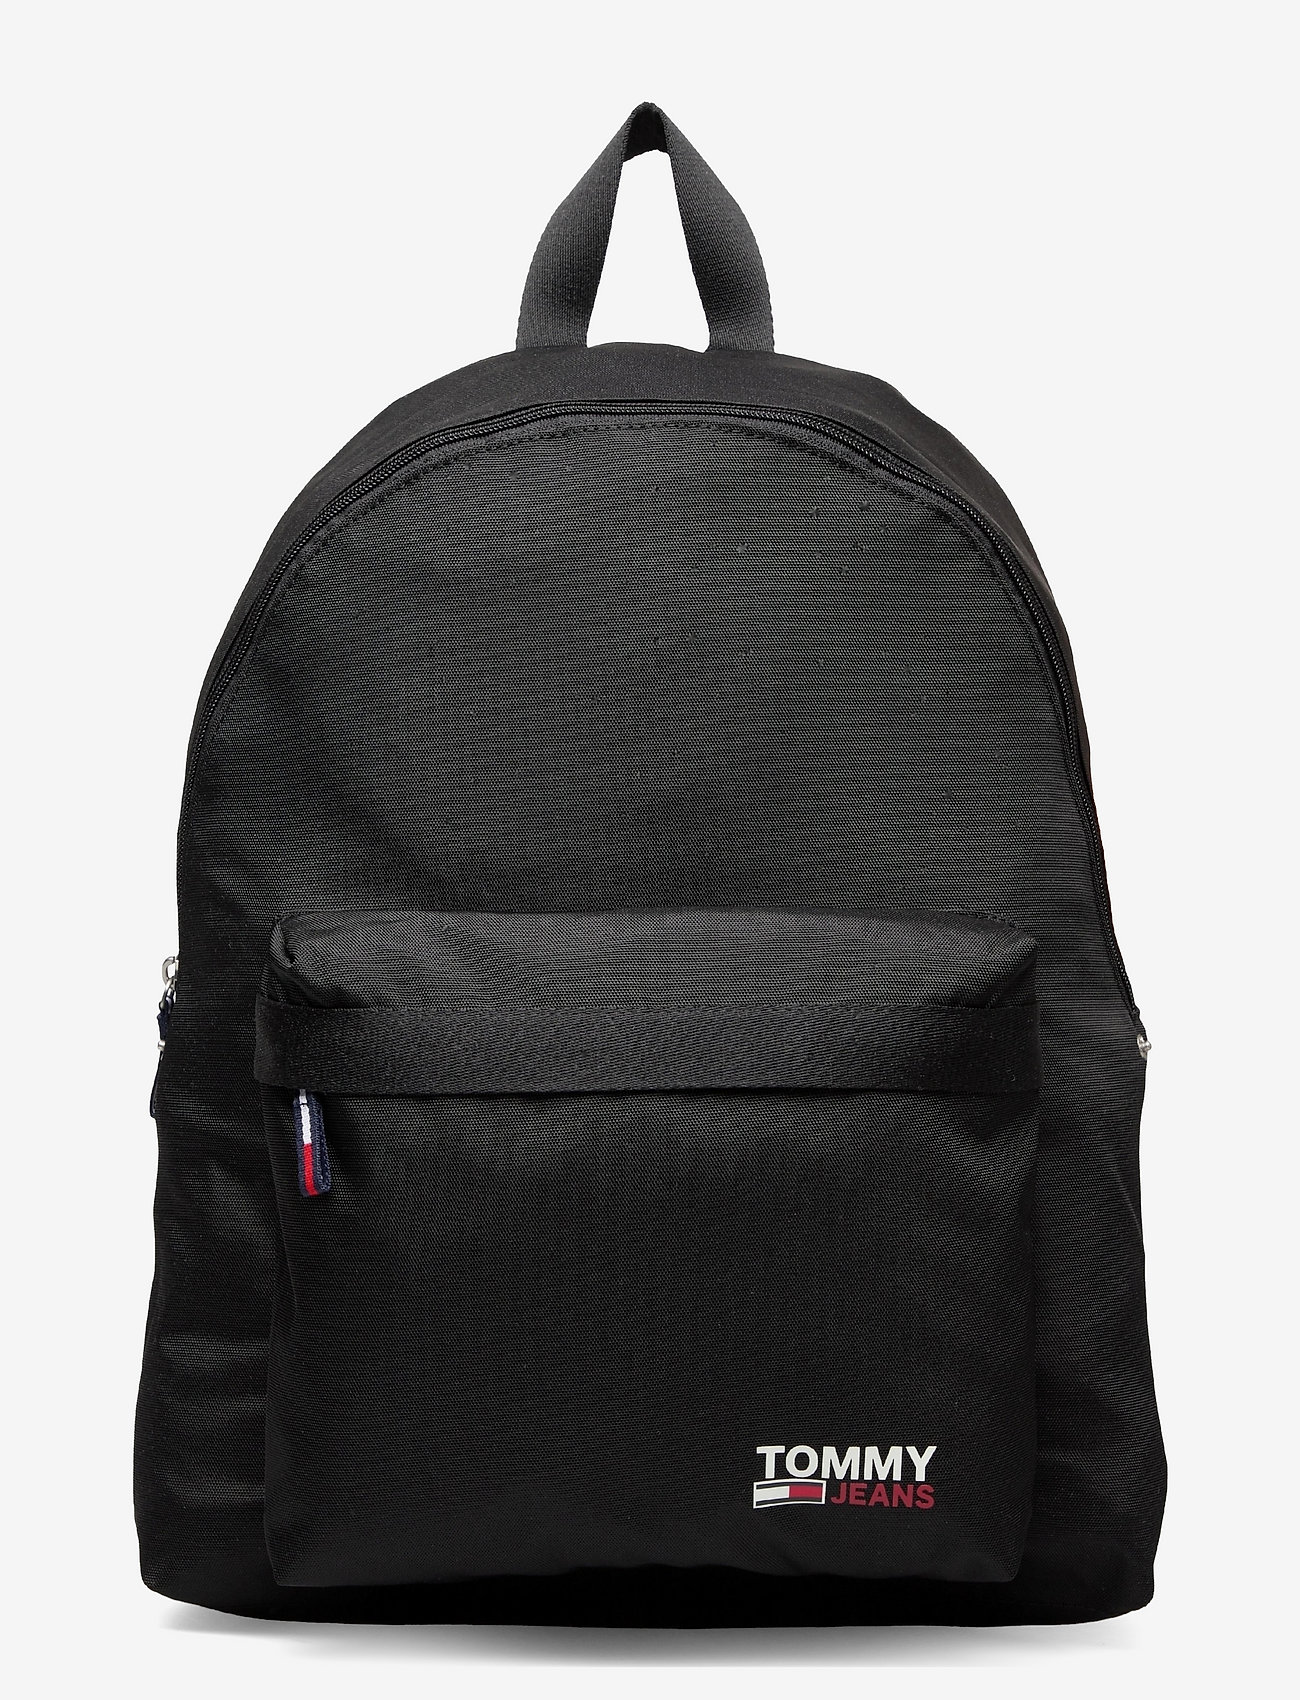 Tommy Hilfiger - TJM CAMPUS DOME BACKPACK - tassen - black - 0